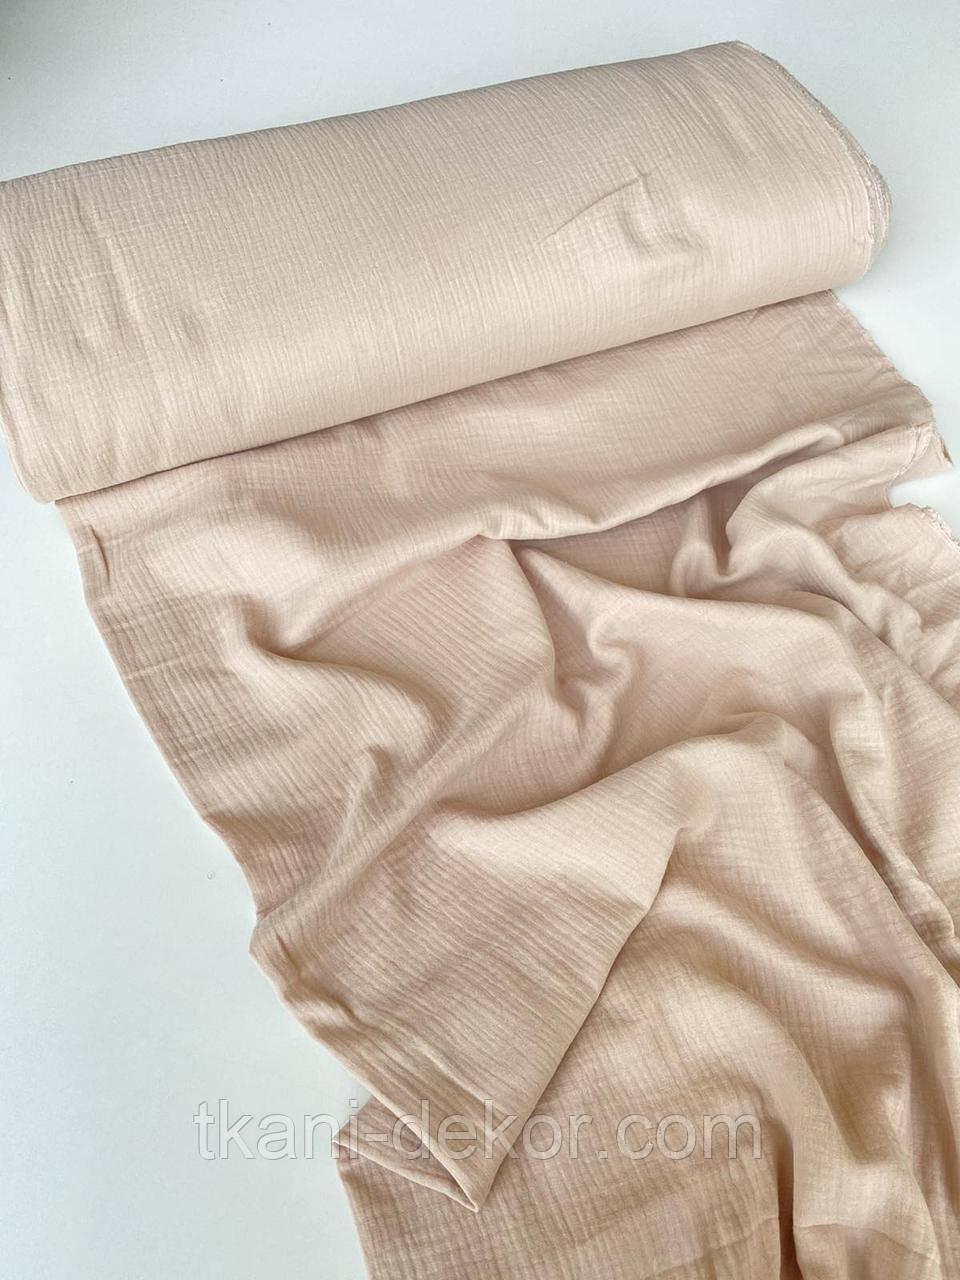 Муслін (бавовняна тканина) жатка бежевий однотон (ширина 1,35 м)